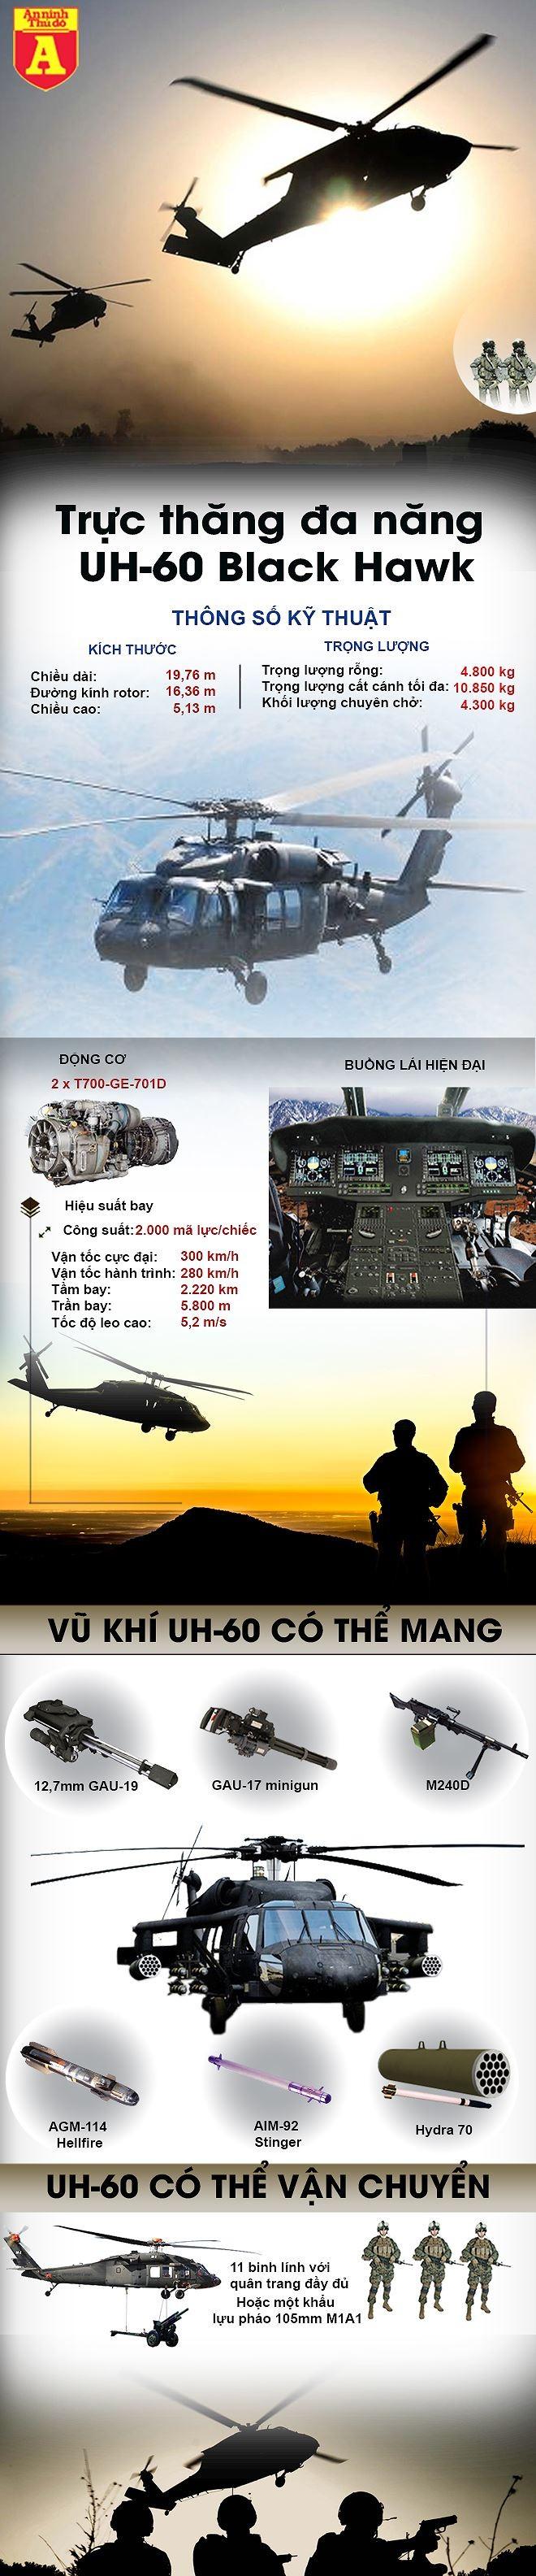 """[Infographic] IS dùng tên lửa chống tăng phá hủy """"Diều hâu đen"""" do Mỹ sản xuất ảnh 3"""